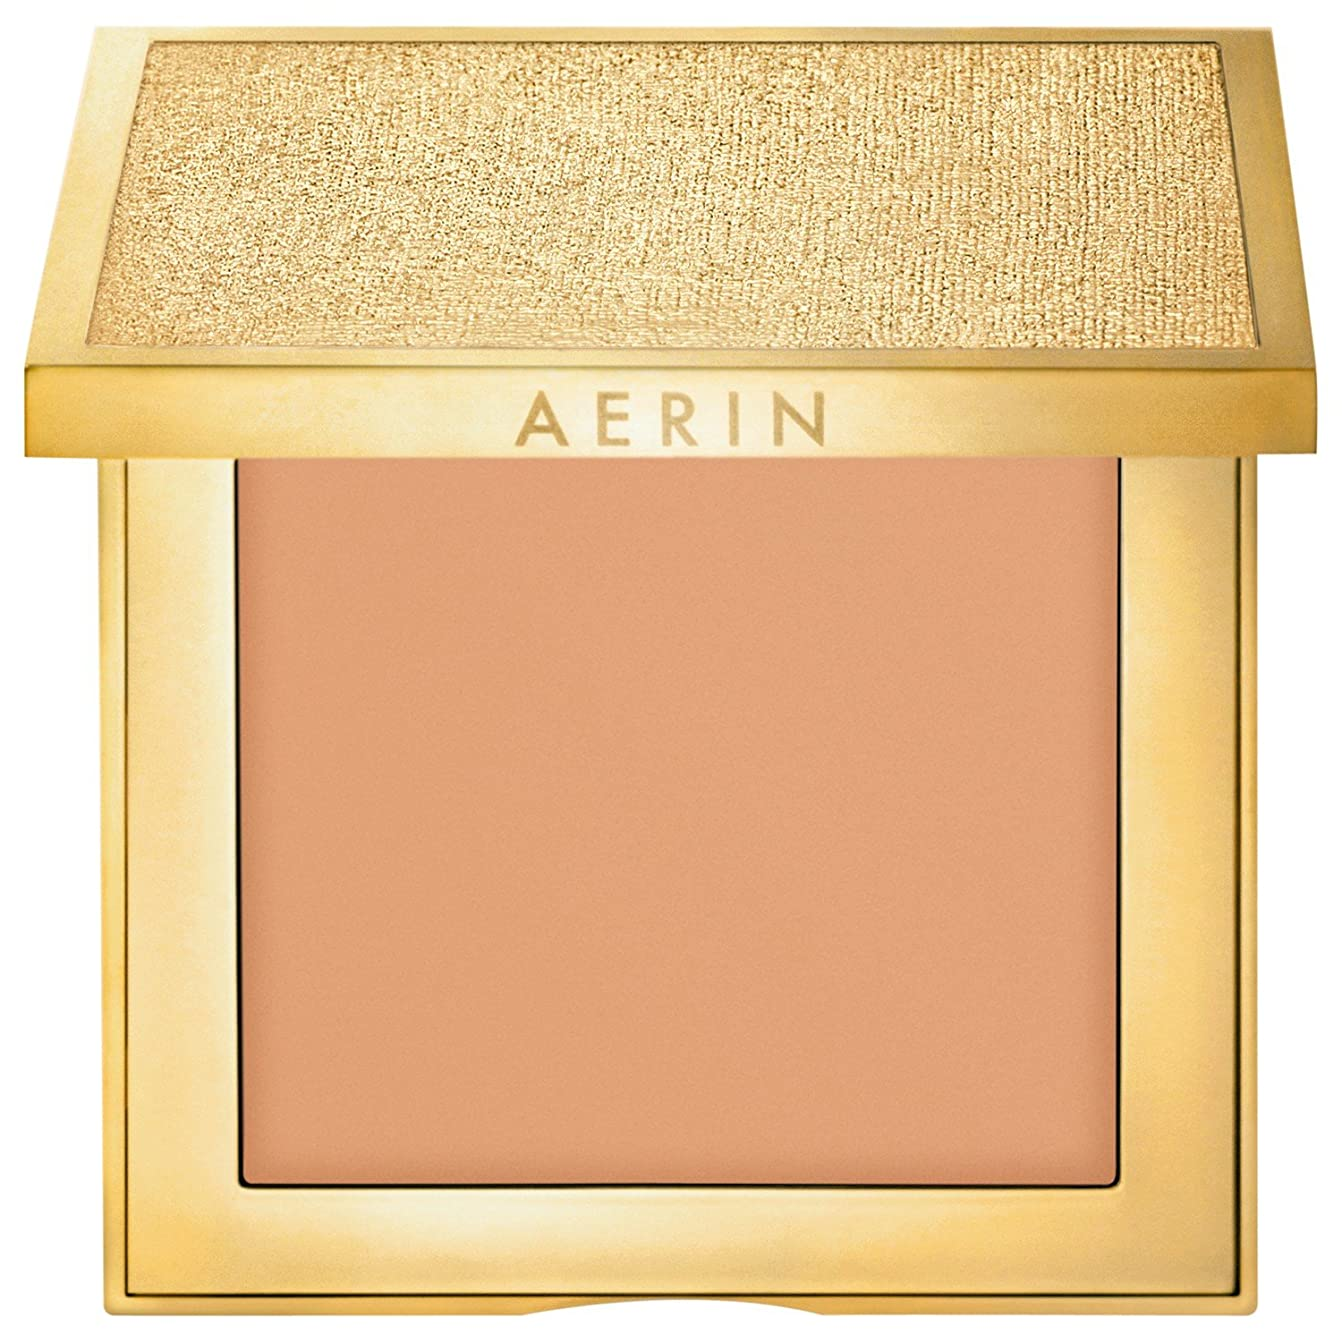 藤色不振不適Aerin新鮮な肌コンパクトメイクアップレベル5 (AERIN) - AERIN Fresh Skin Compact Makeup Level 5 [並行輸入品]